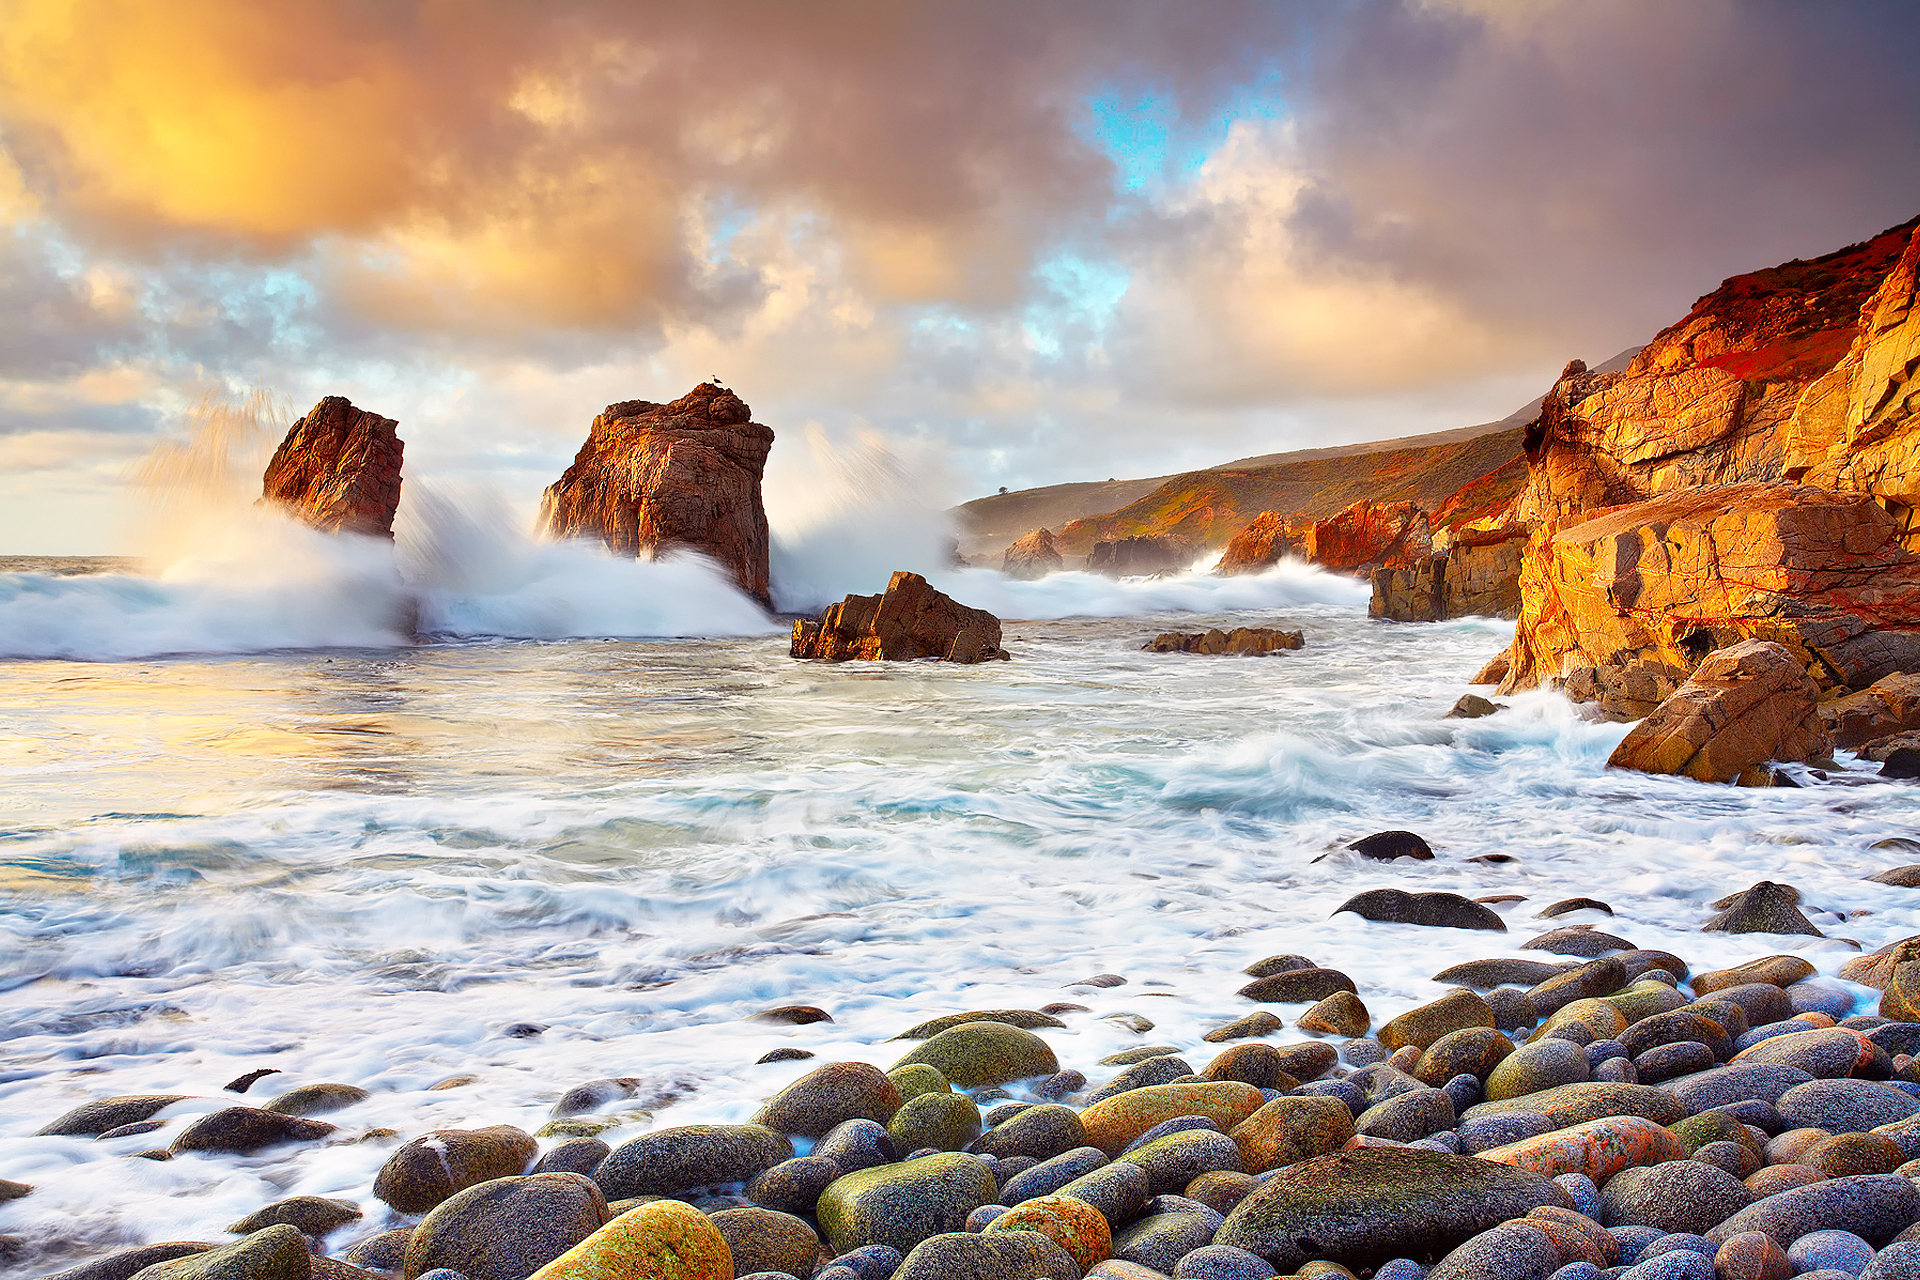 скала берег волны  № 2501456 бесплатно